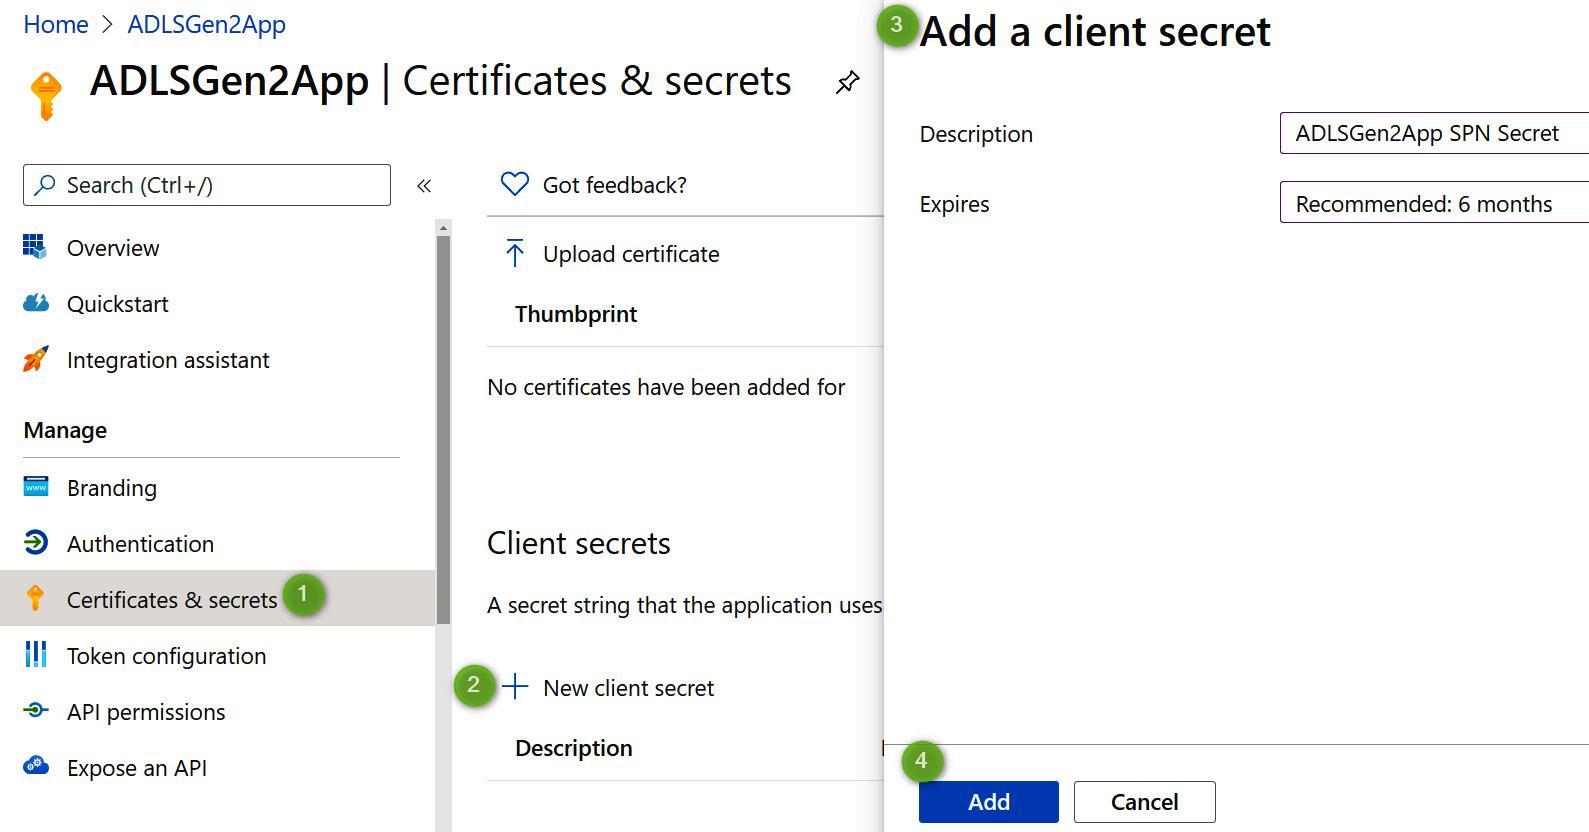 Figure 2.6 – Adding client secret for the application